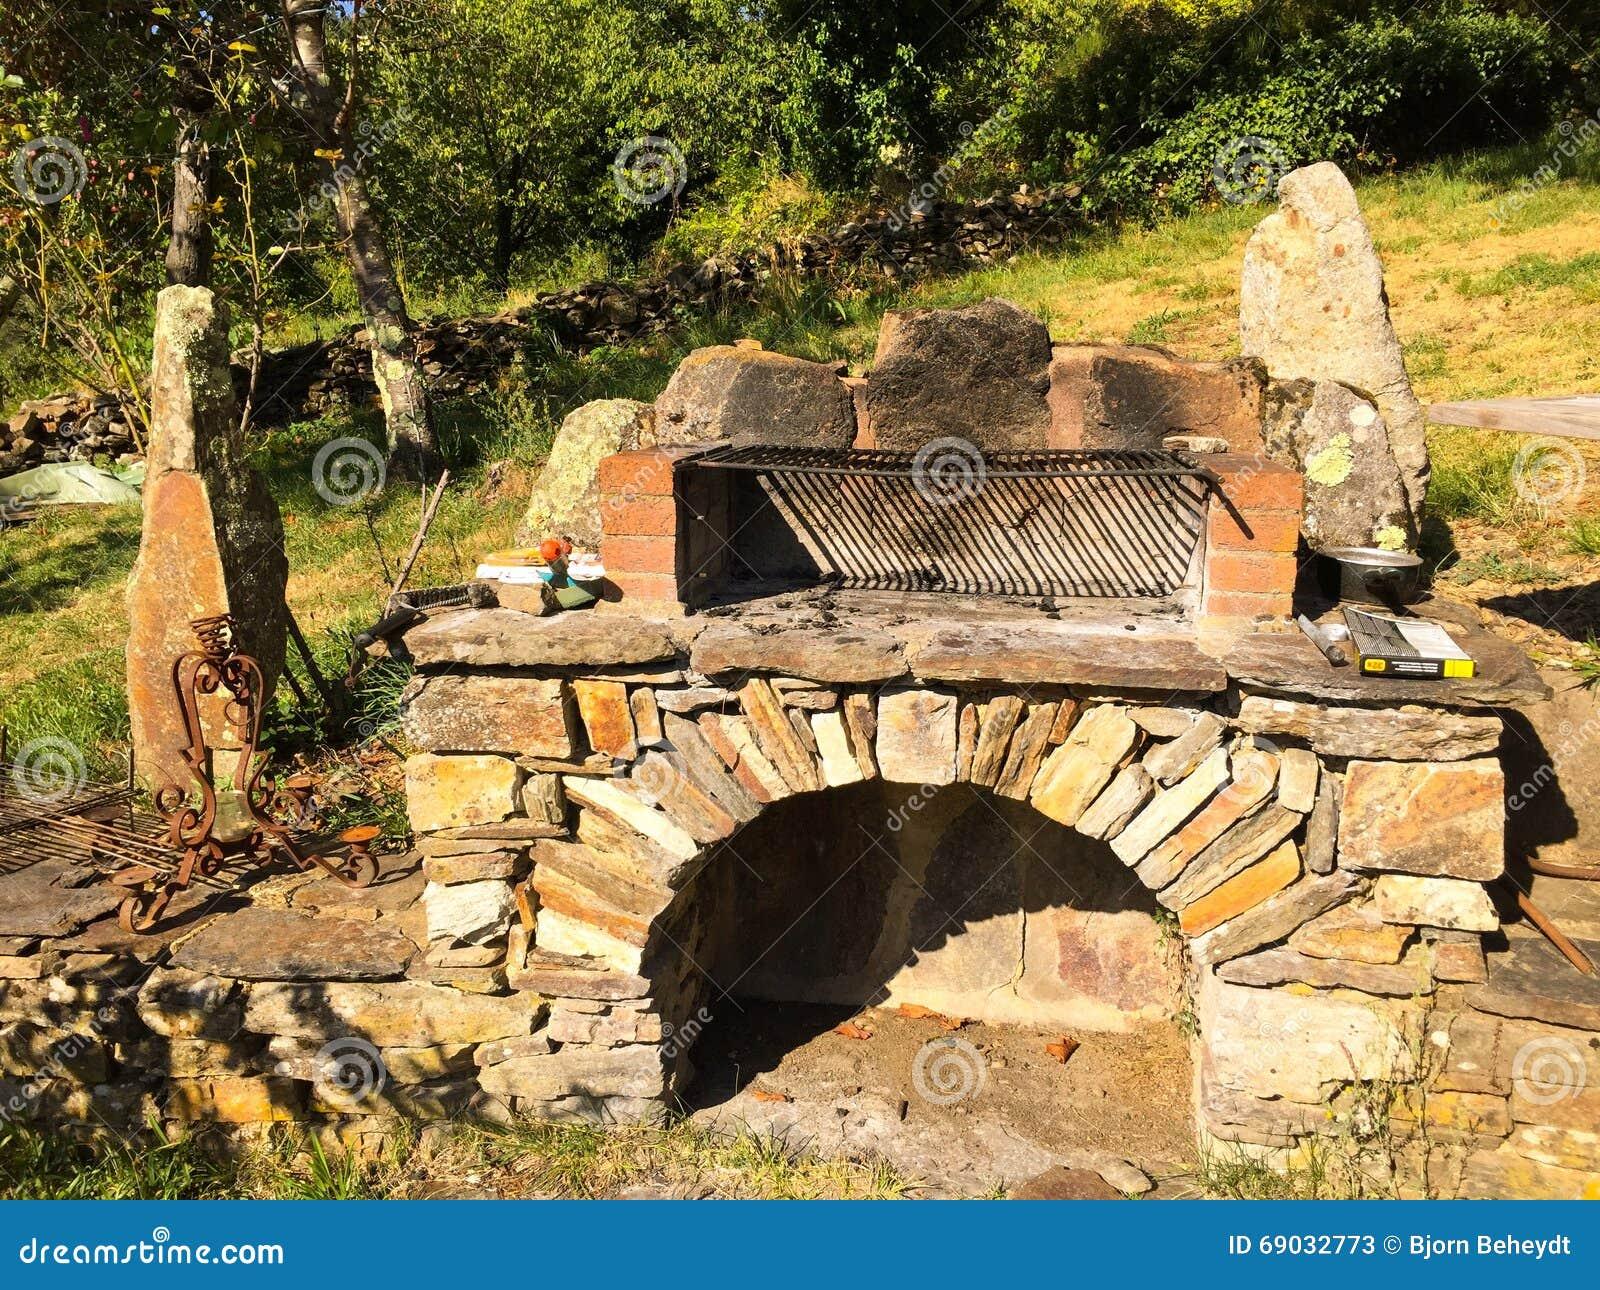 Barbecue di pietra nel giardino immagine stock immagine di disegno griglia 69032773 - Barbecue in pietra per esterni ...